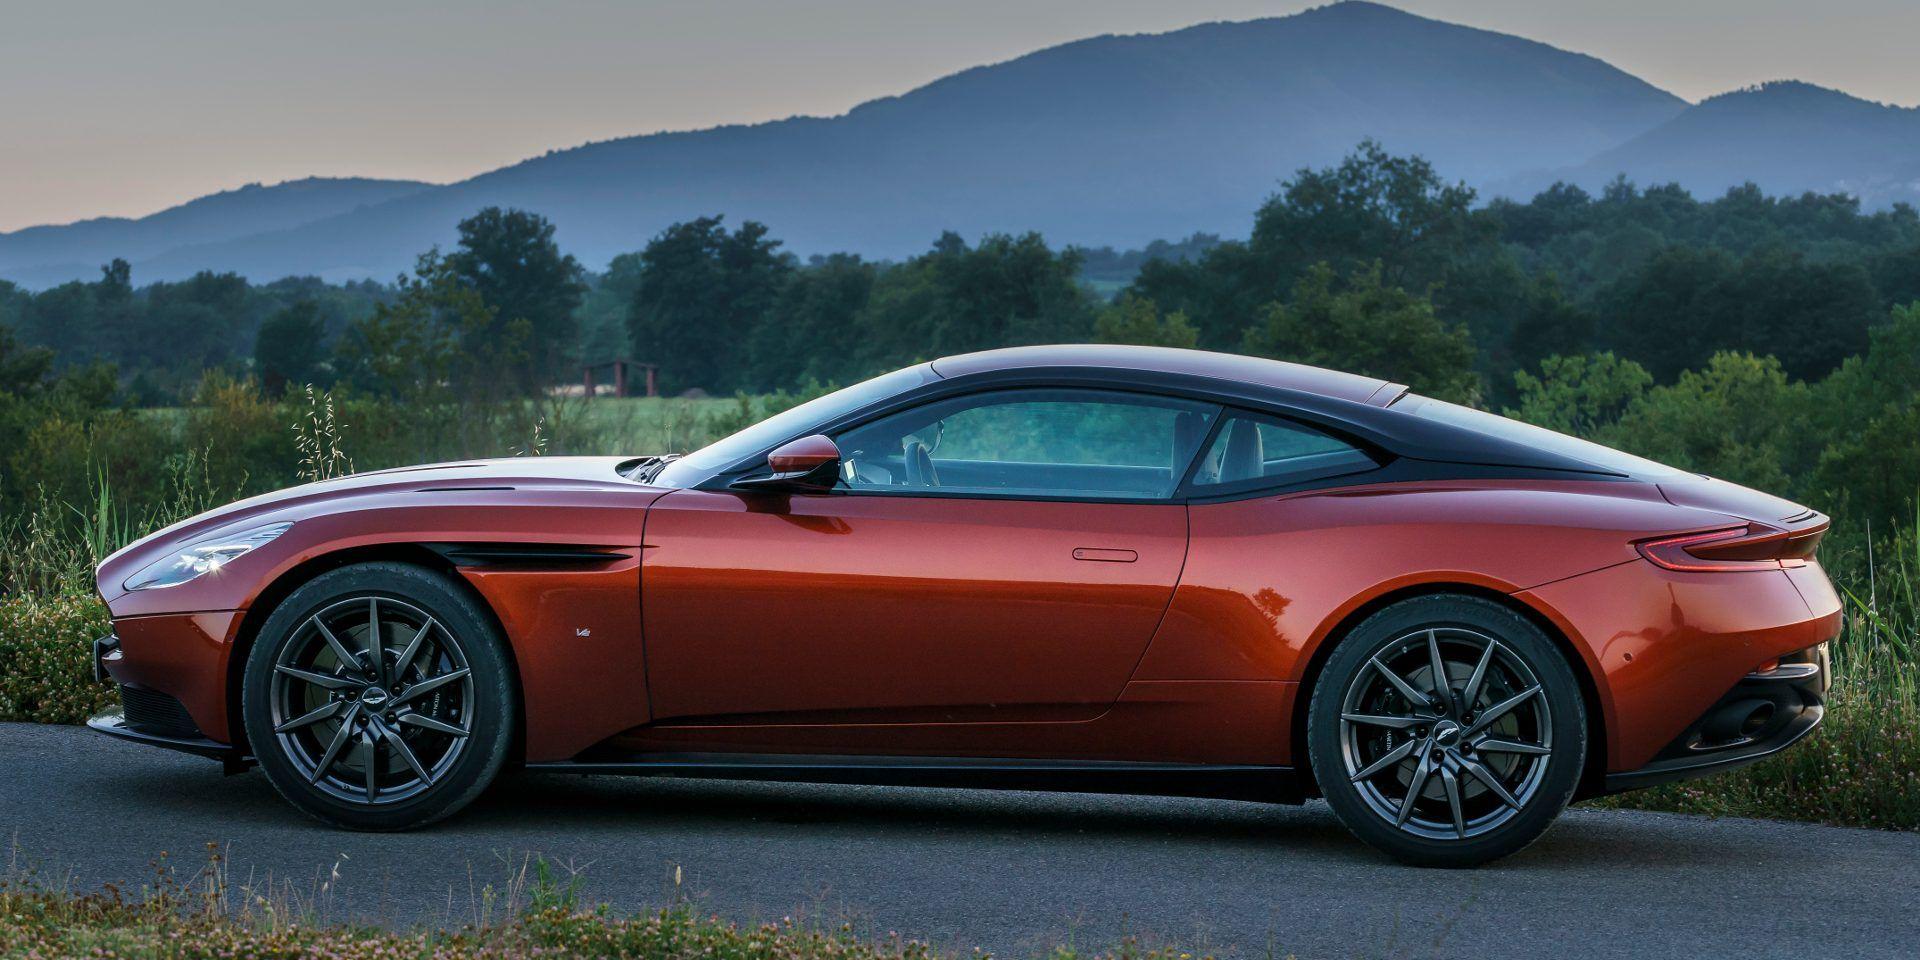 Essai Aston Martin DB11 2016 Aston martin, Automobile